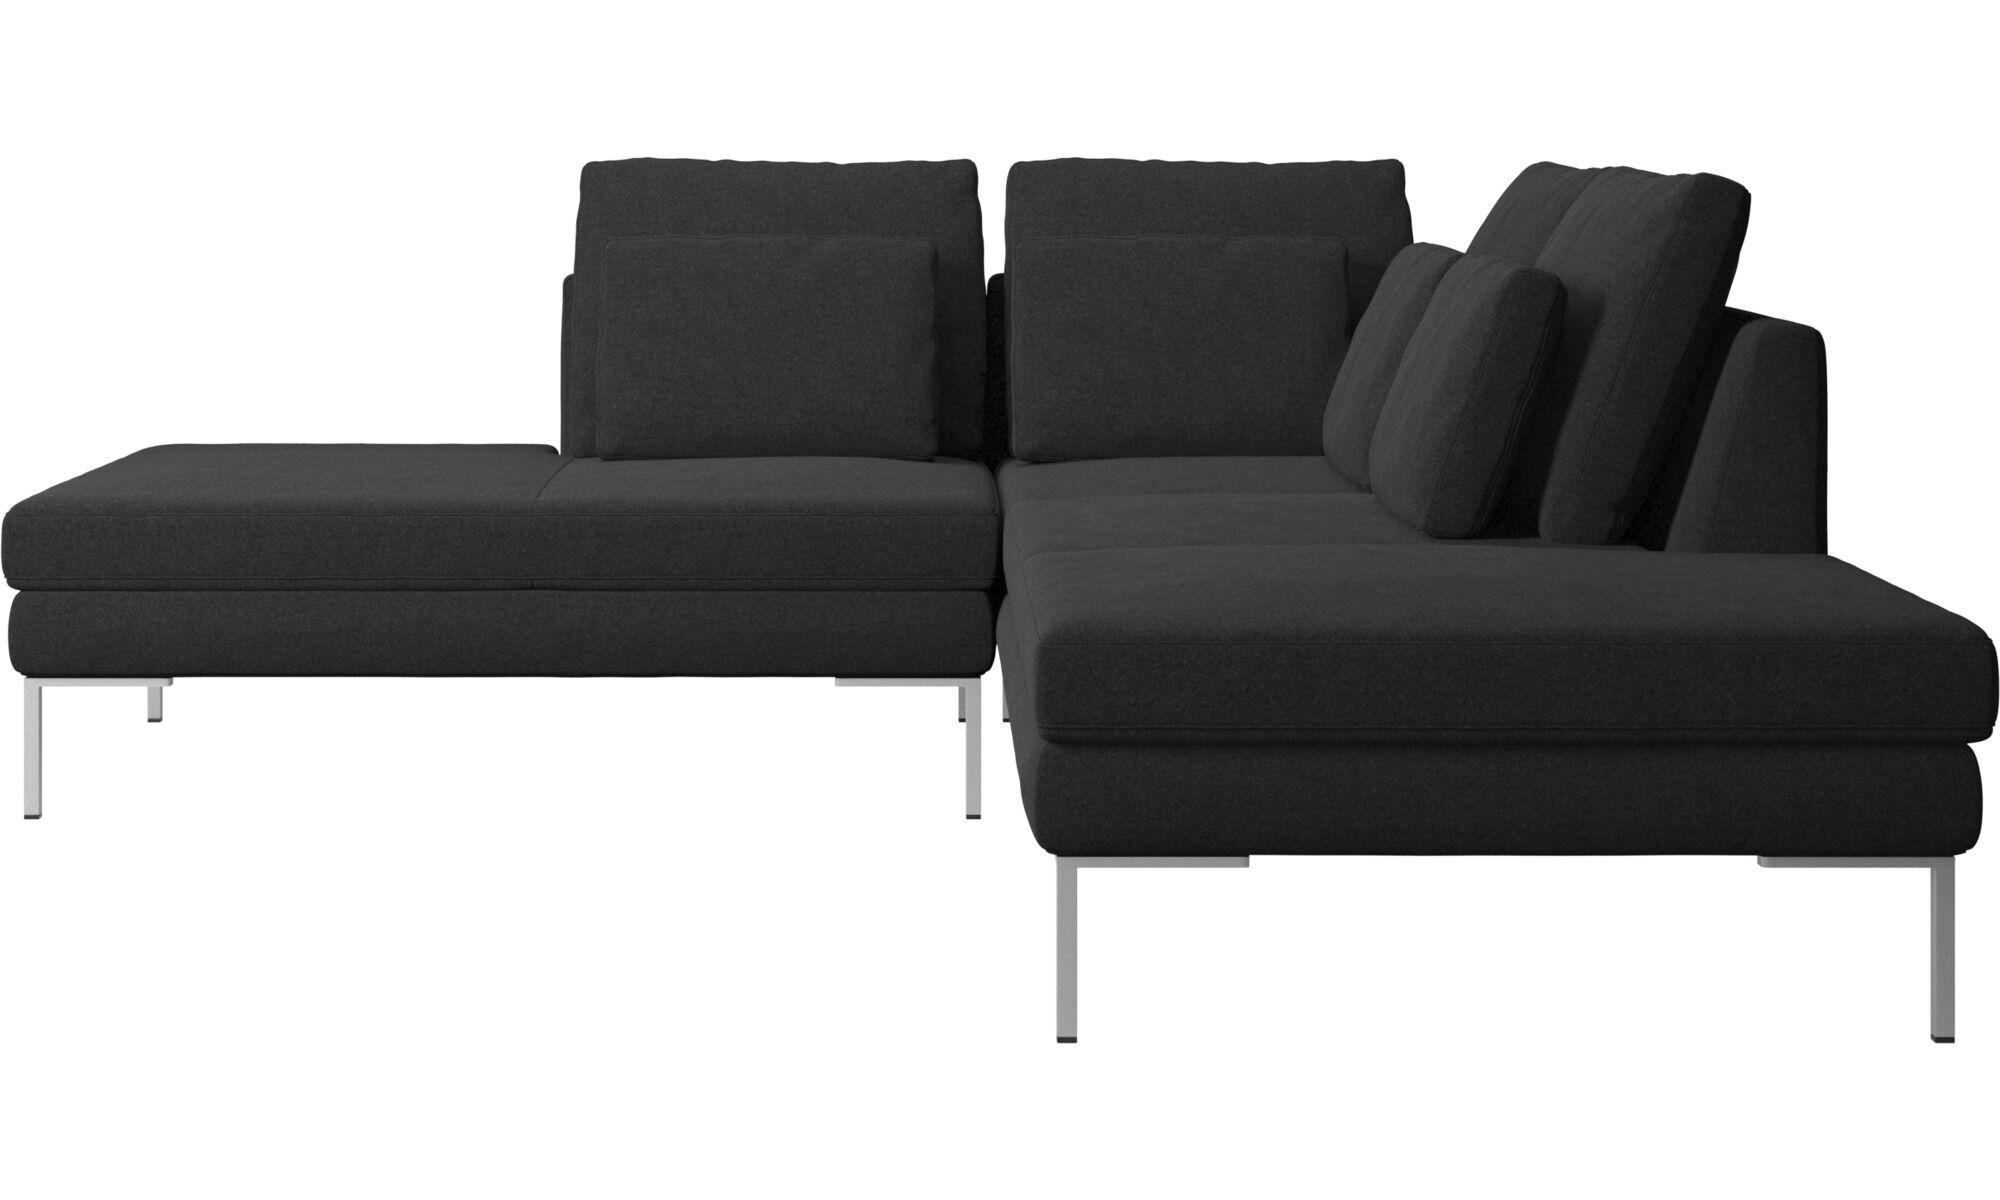 Lounge Sofas   Istra 2 Sofa Mit Loungemodul   Grau   Stoff ...